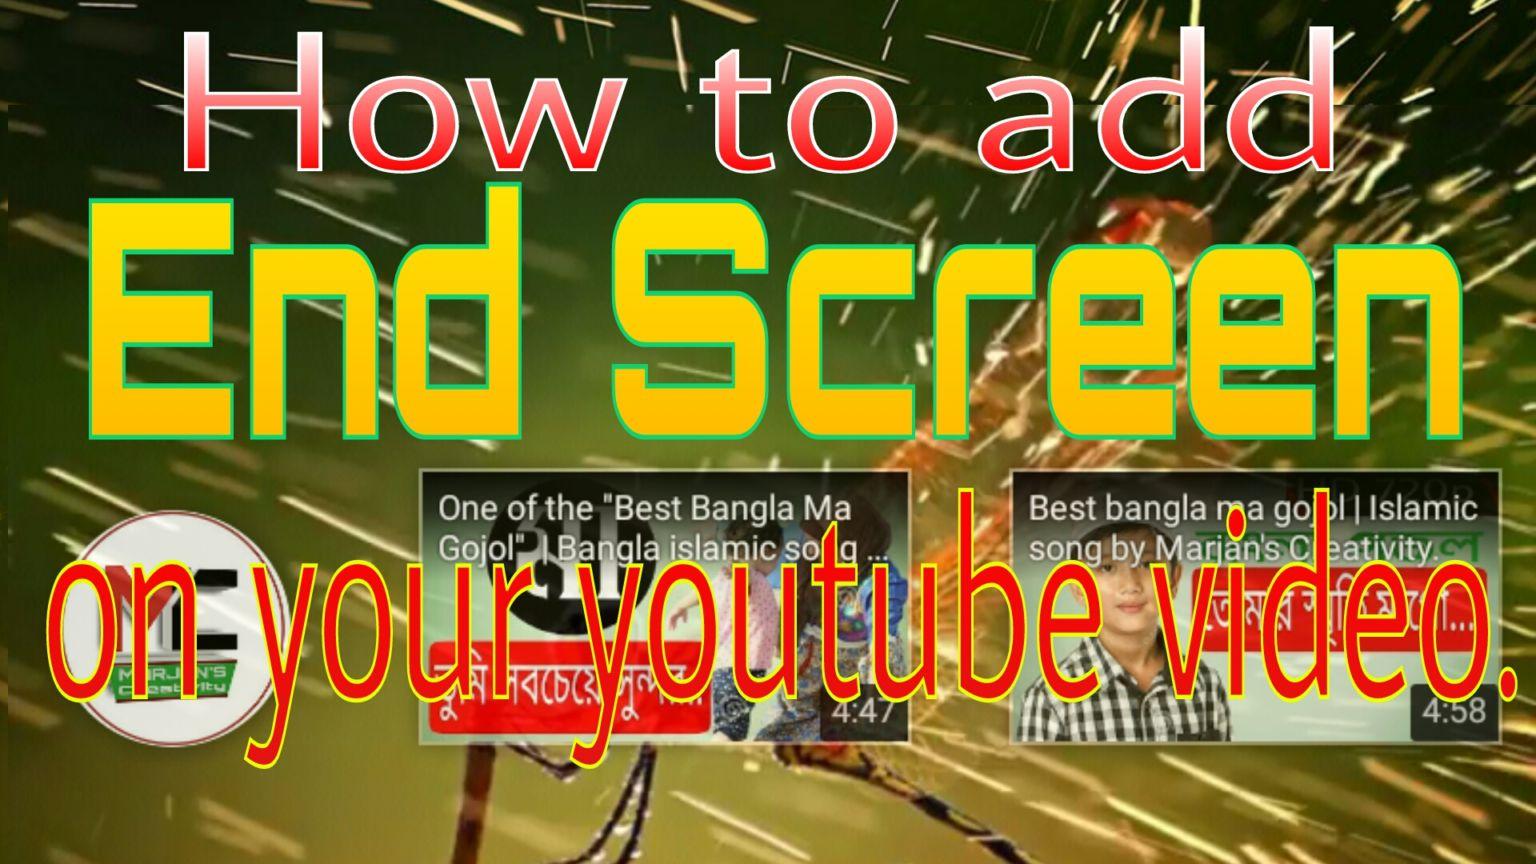 আপনার ইউটিউব ভিডিওতে End Screen এড করুন এবং বেশি বেশি সাবস্ক্রাইবার এবং ভিউ নিন। [ Only 4 new youtuber]